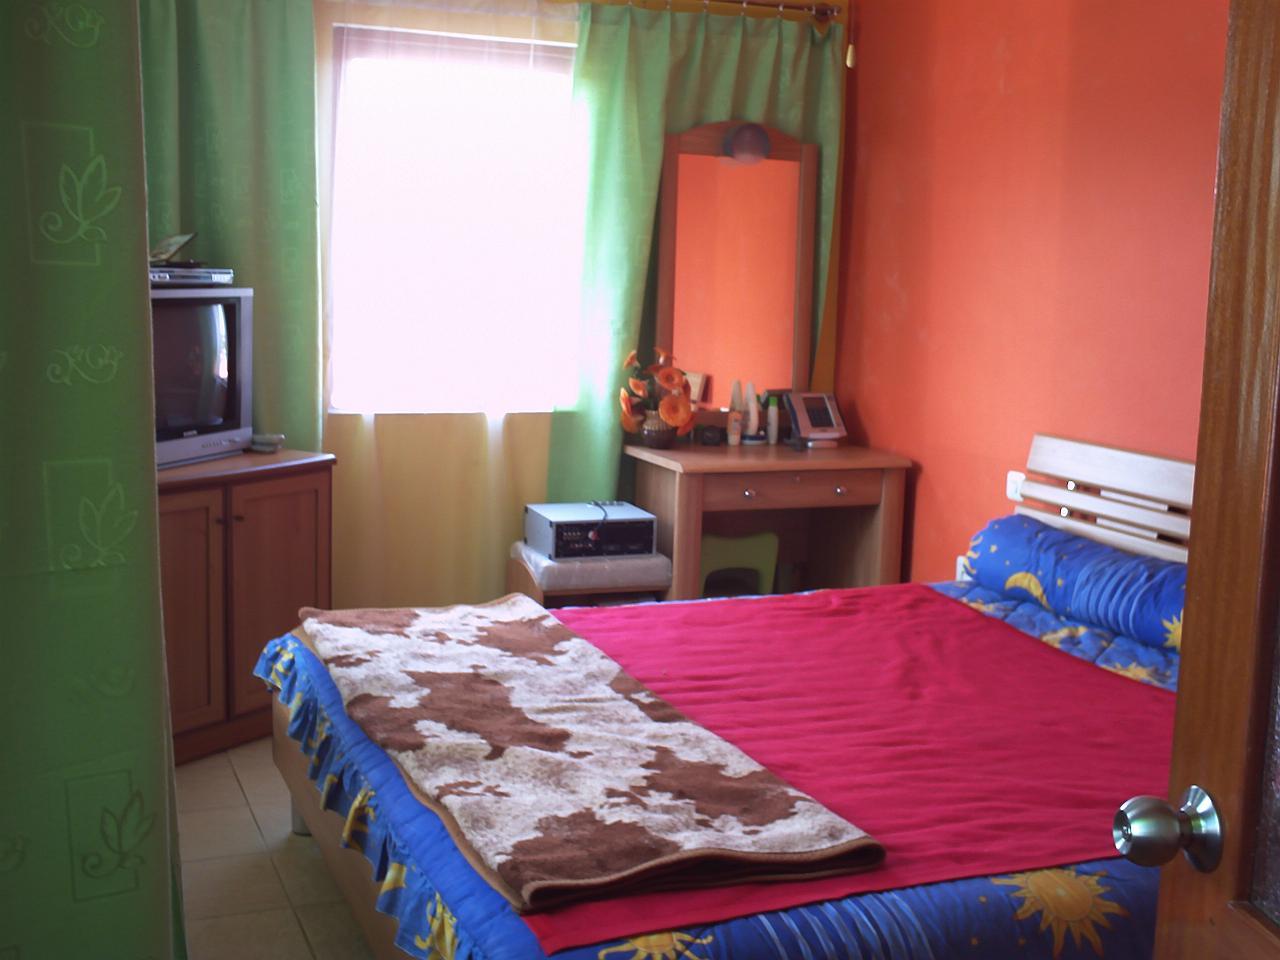 itulah beberapa contoh desain dekorasi kamar tidur anak yang bisa saya